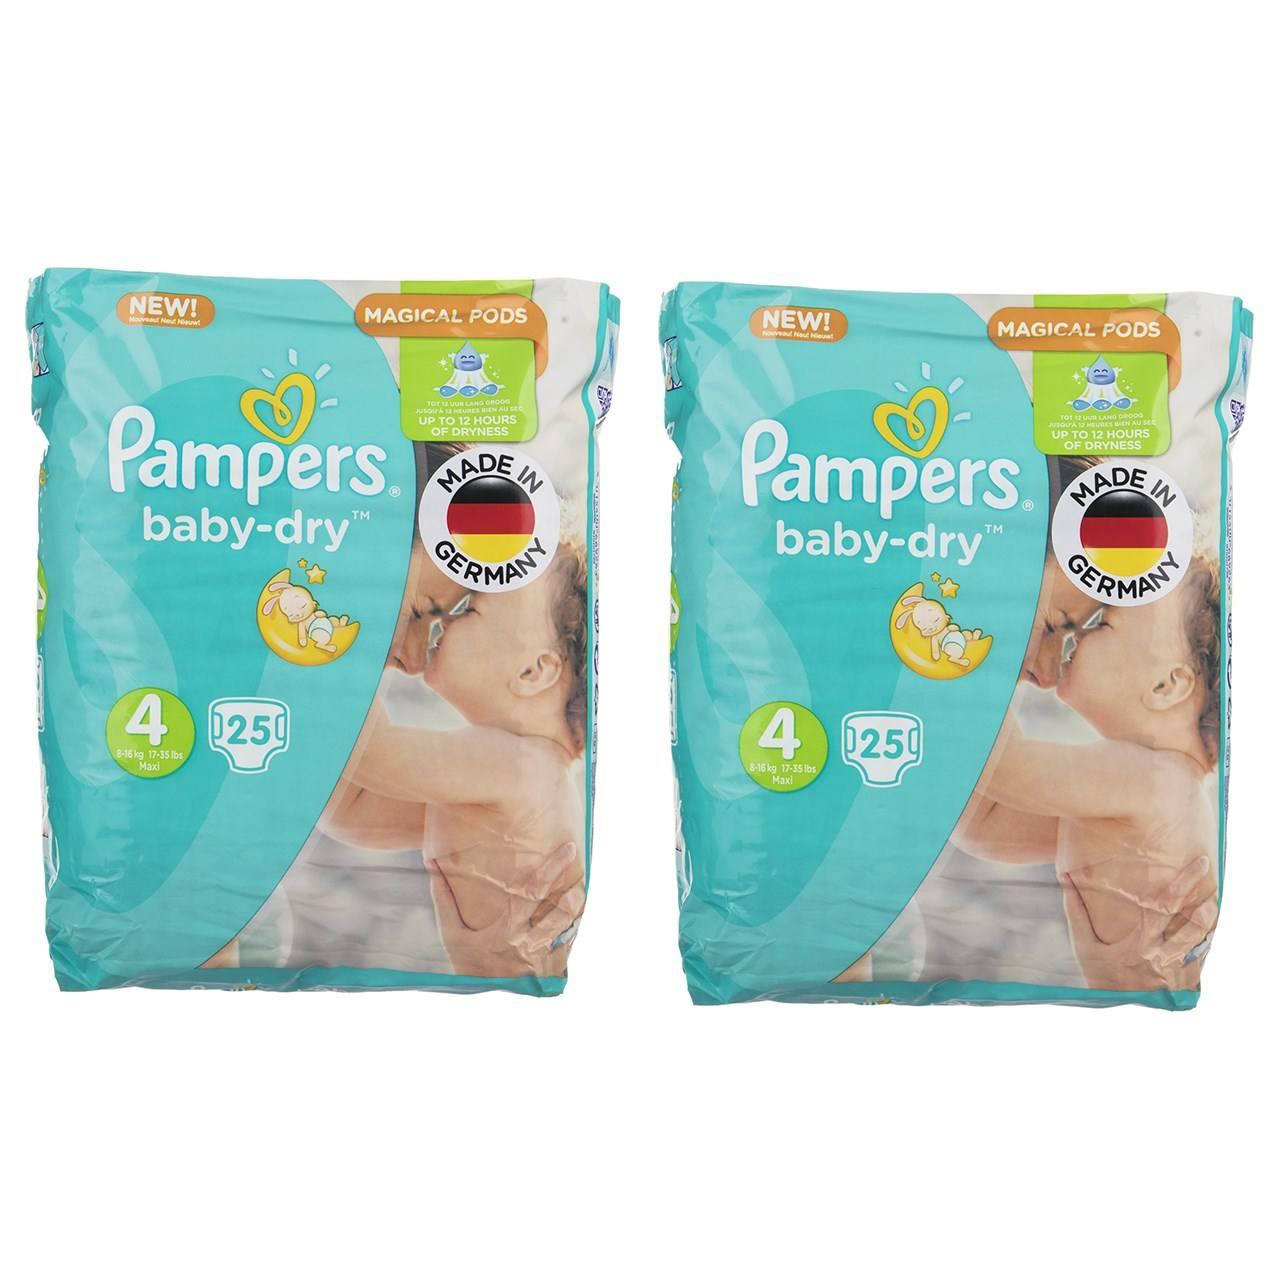 پوشک پمپرز مدل New Baby Dry سایز 4 بسته 25 × 2 عددی main 1 1